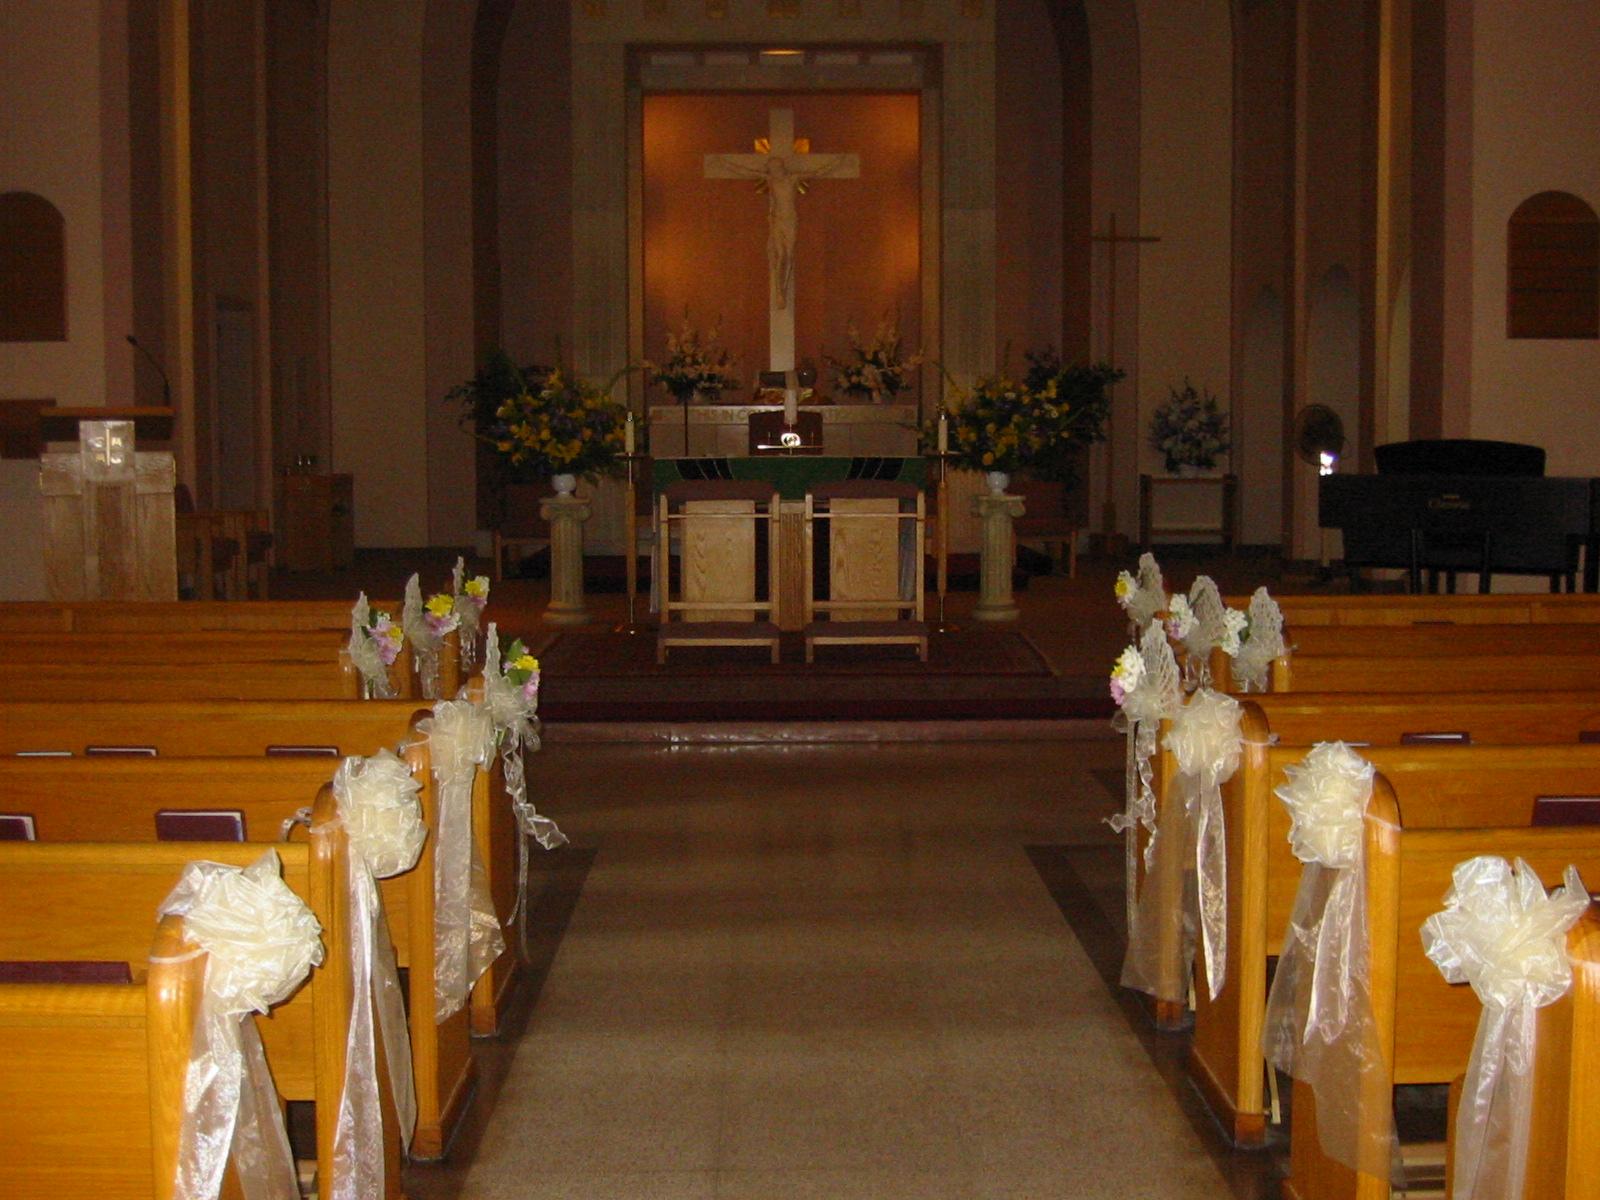 WEDDING & QUINCEANERA ATTIRE AND DECOR IN TULARE CA